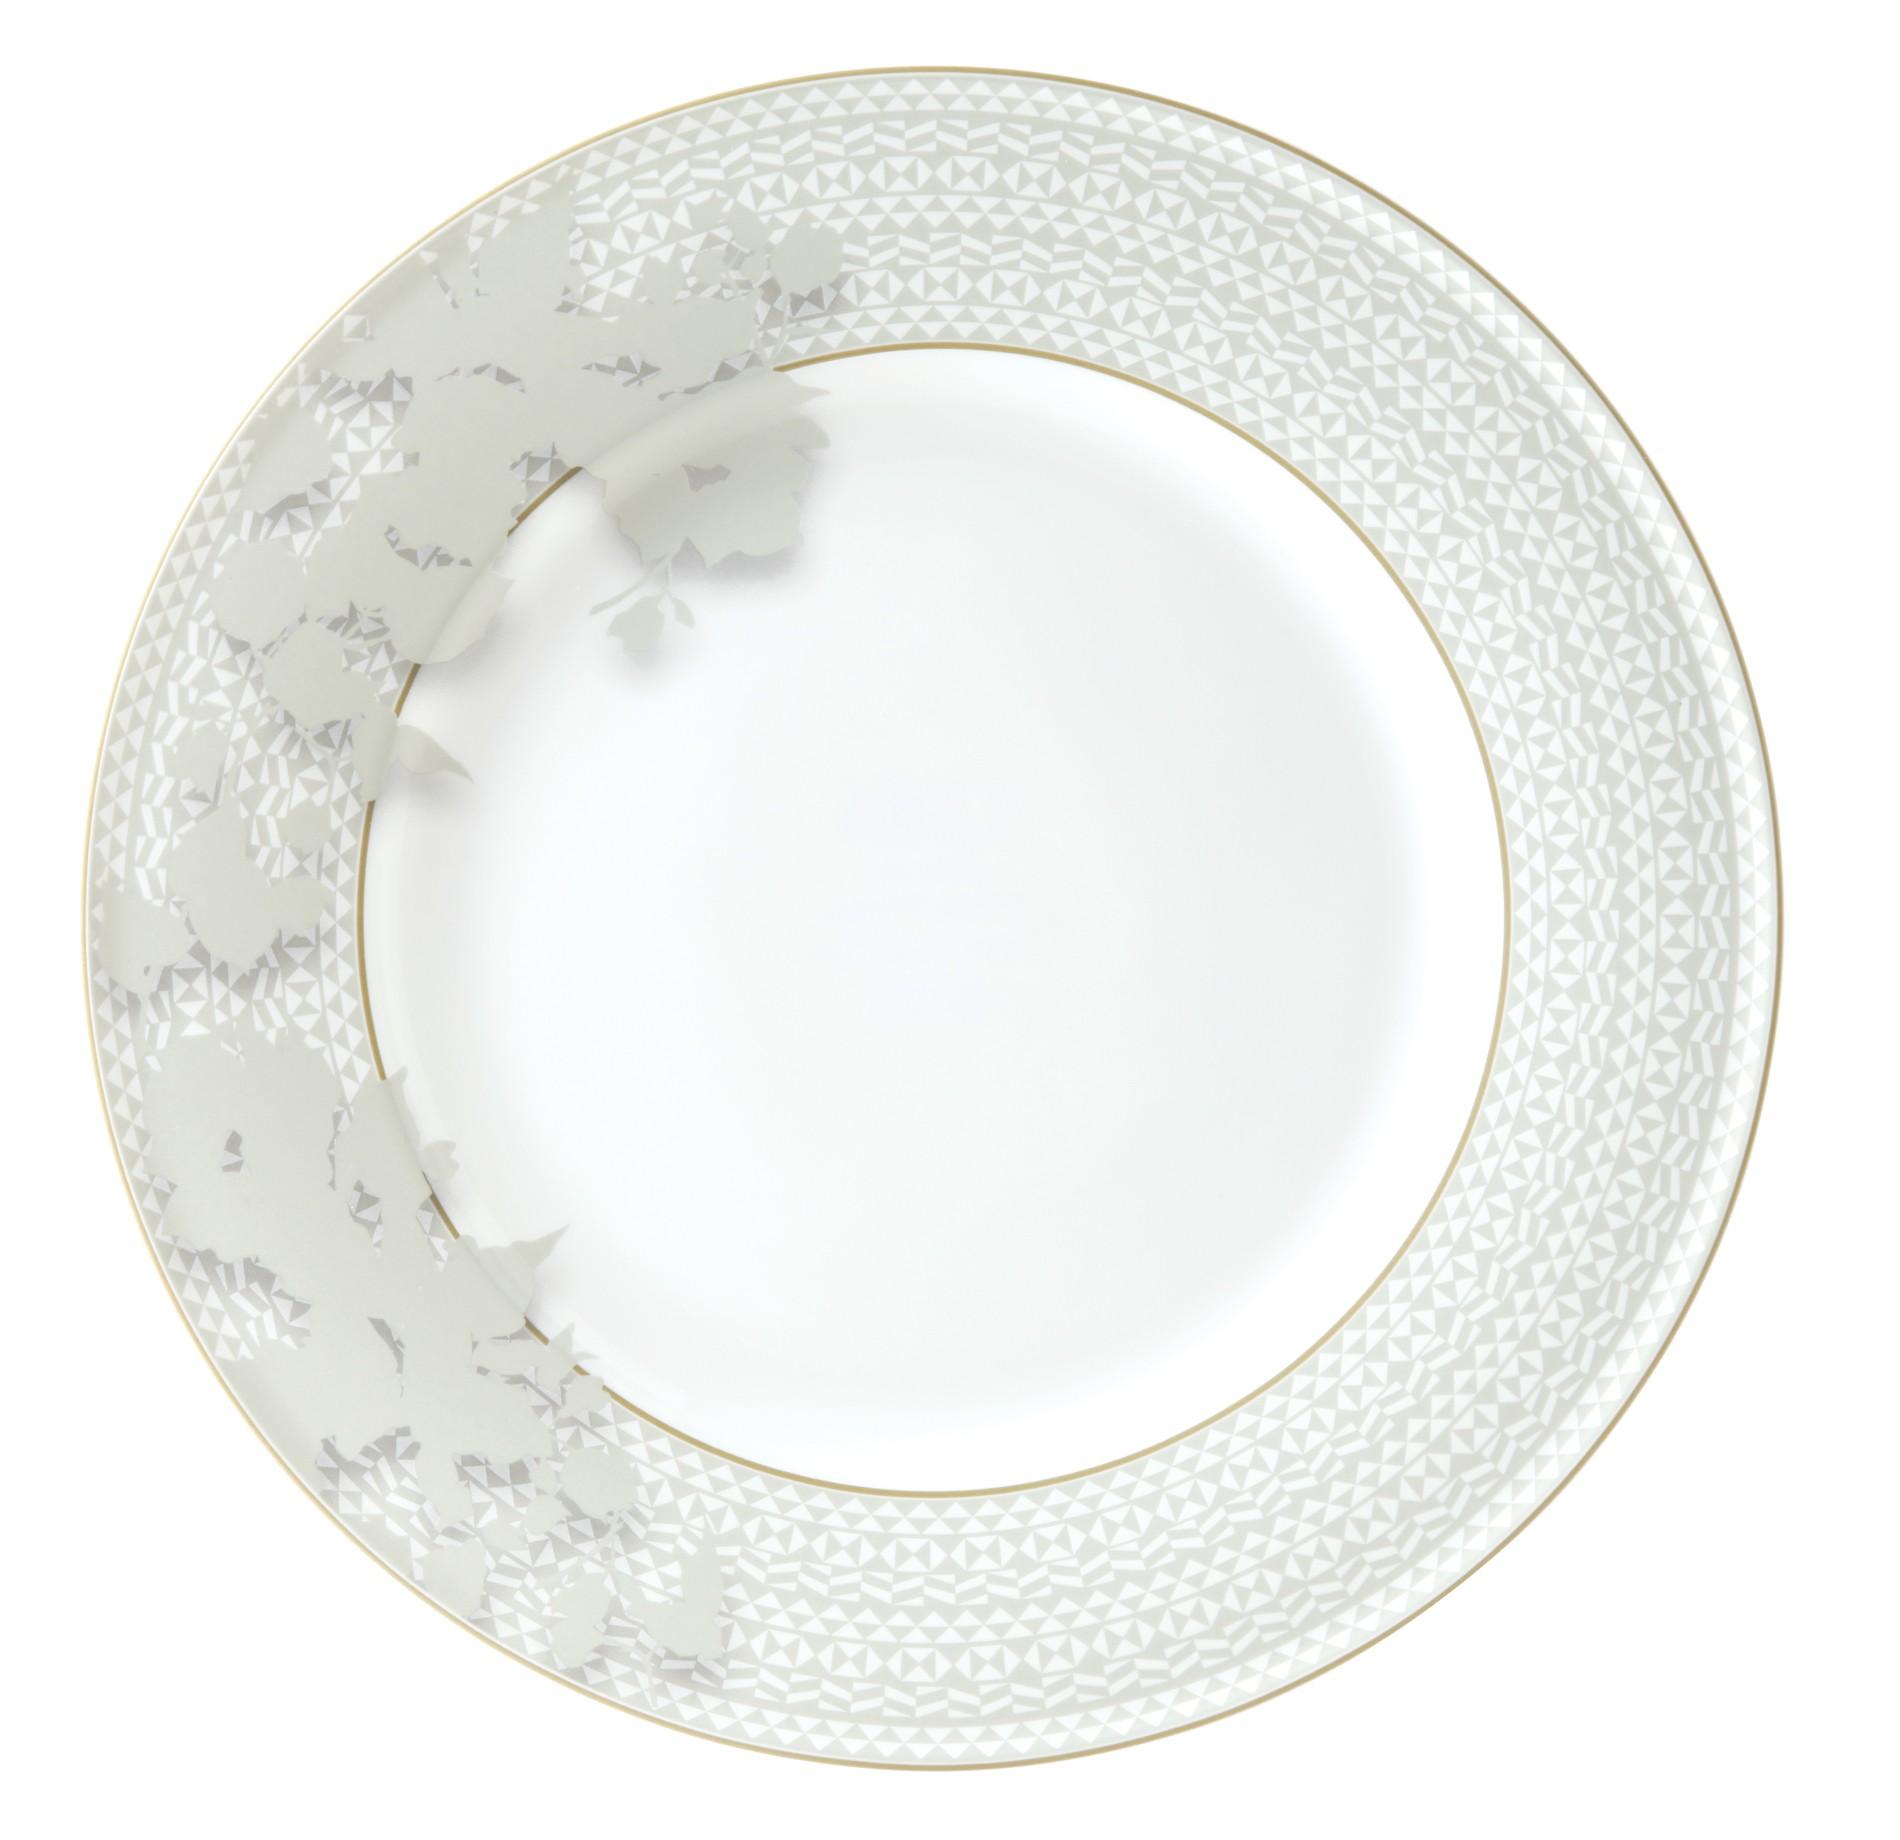 Πιατέλα Στρογγυλή Silk Bone China 30cm Ionia home   ειδη σερβιρισματος   πιατέλες